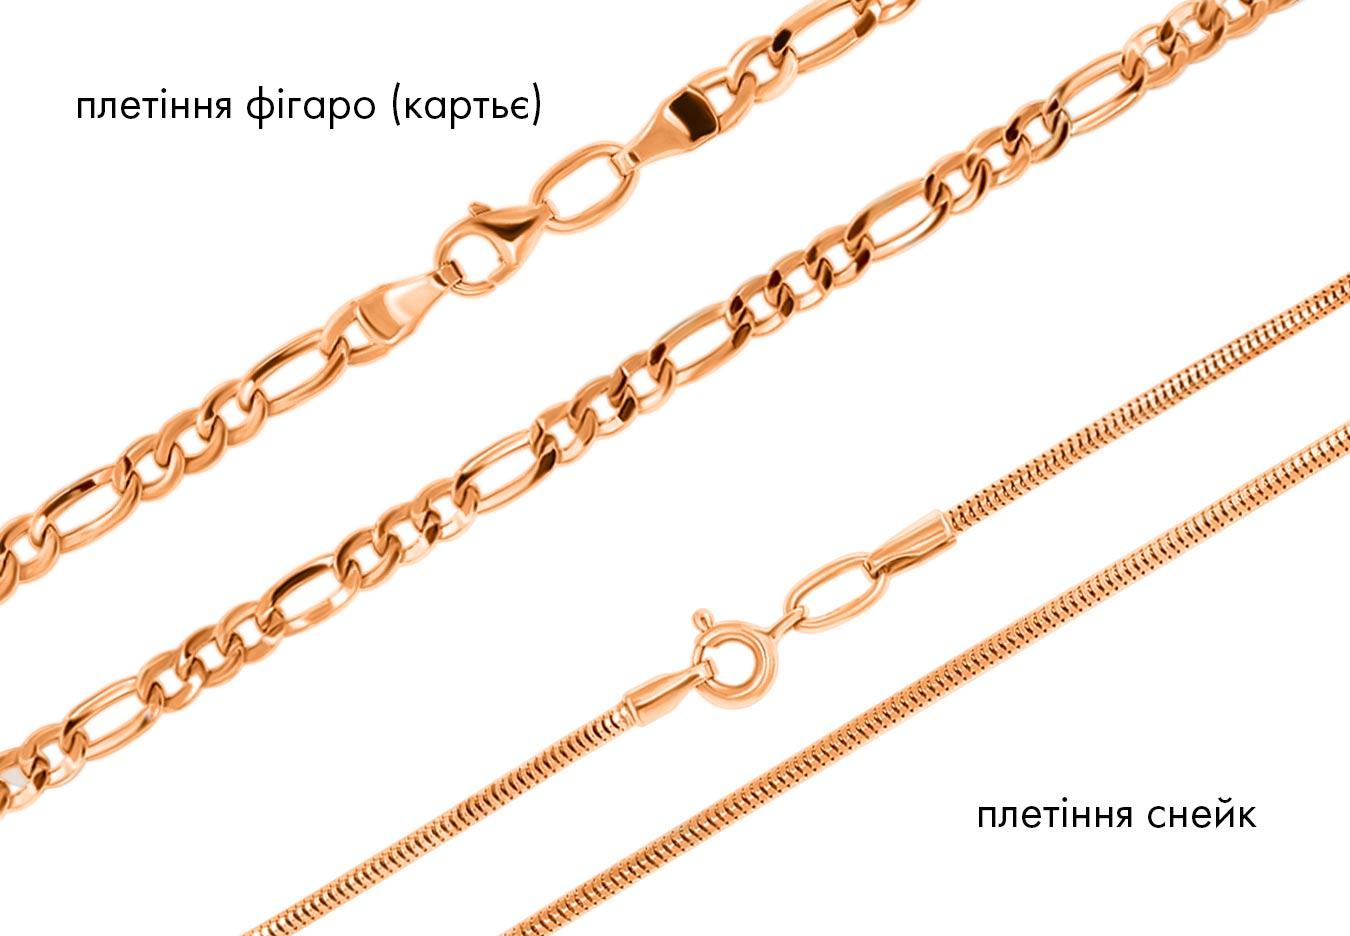 Золоті ланцюжки, тип плетіння Фігаро (Картьє) і Снейк.